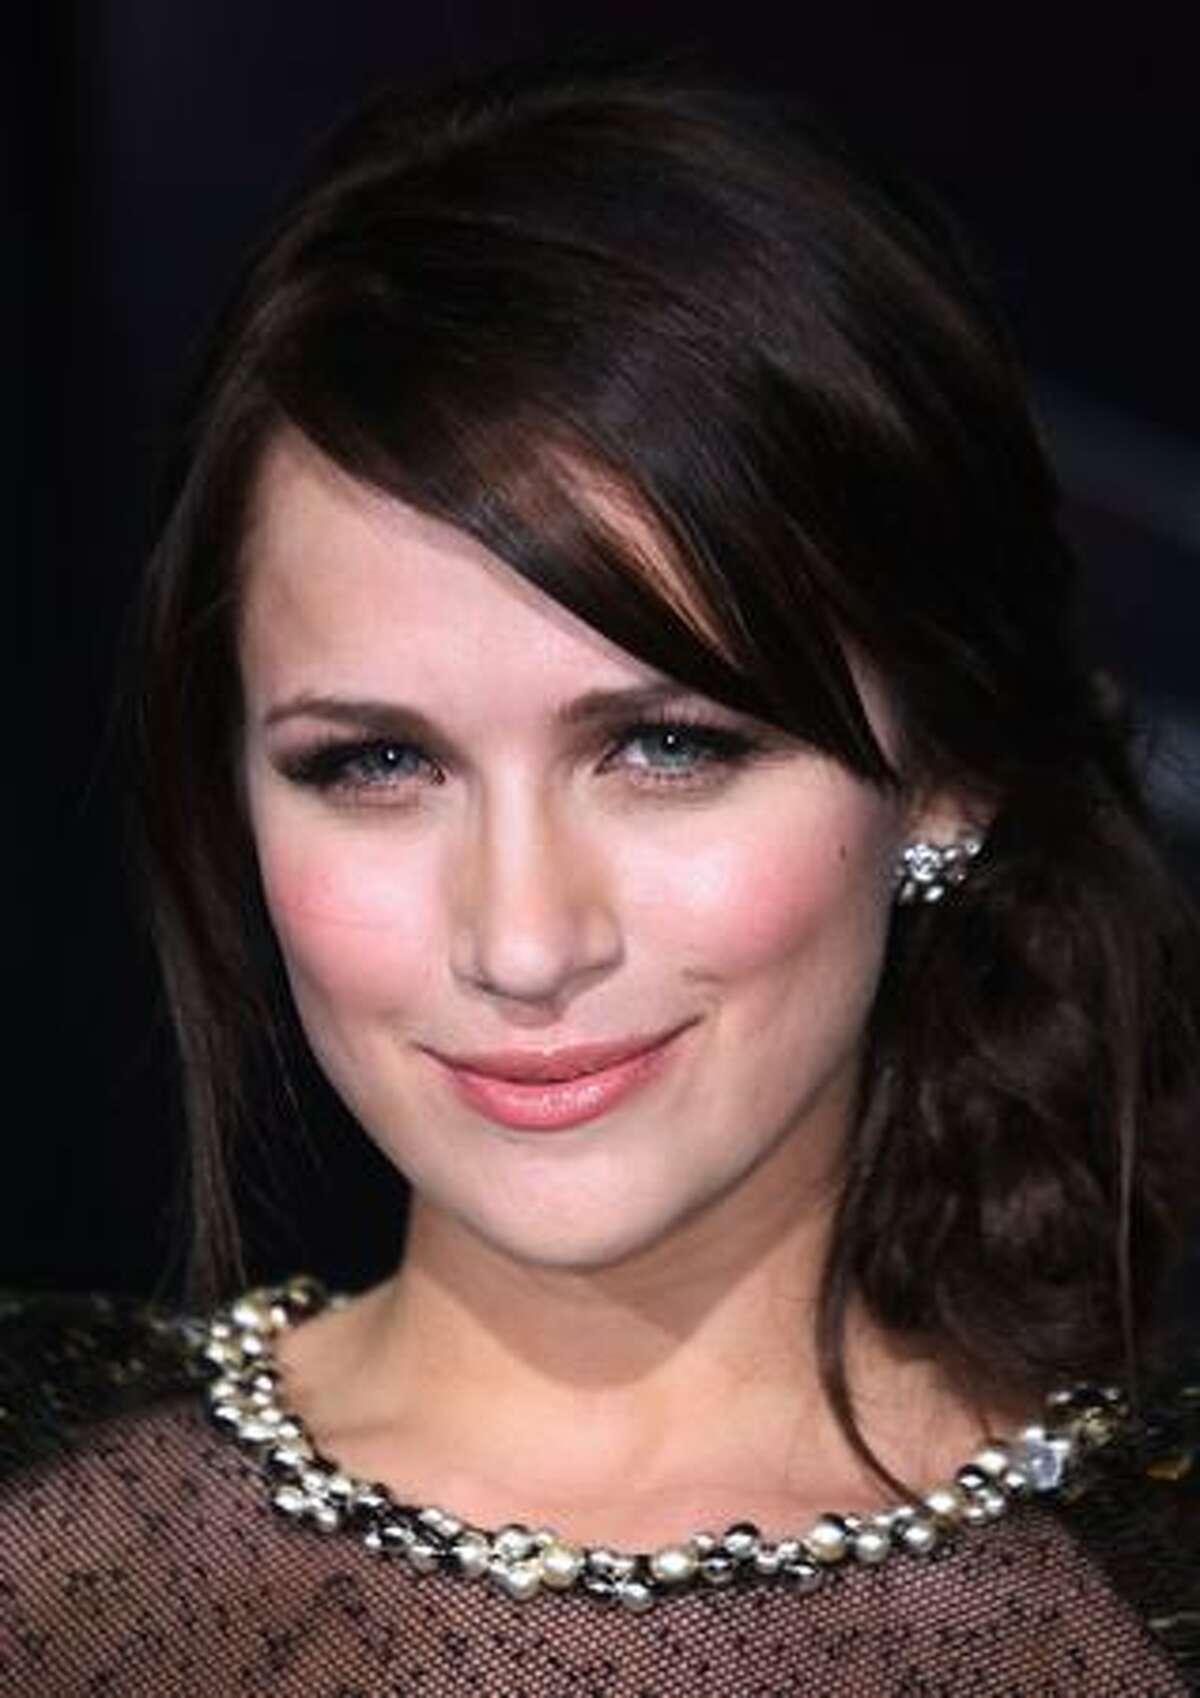 Actress Shantel VanSanten attends